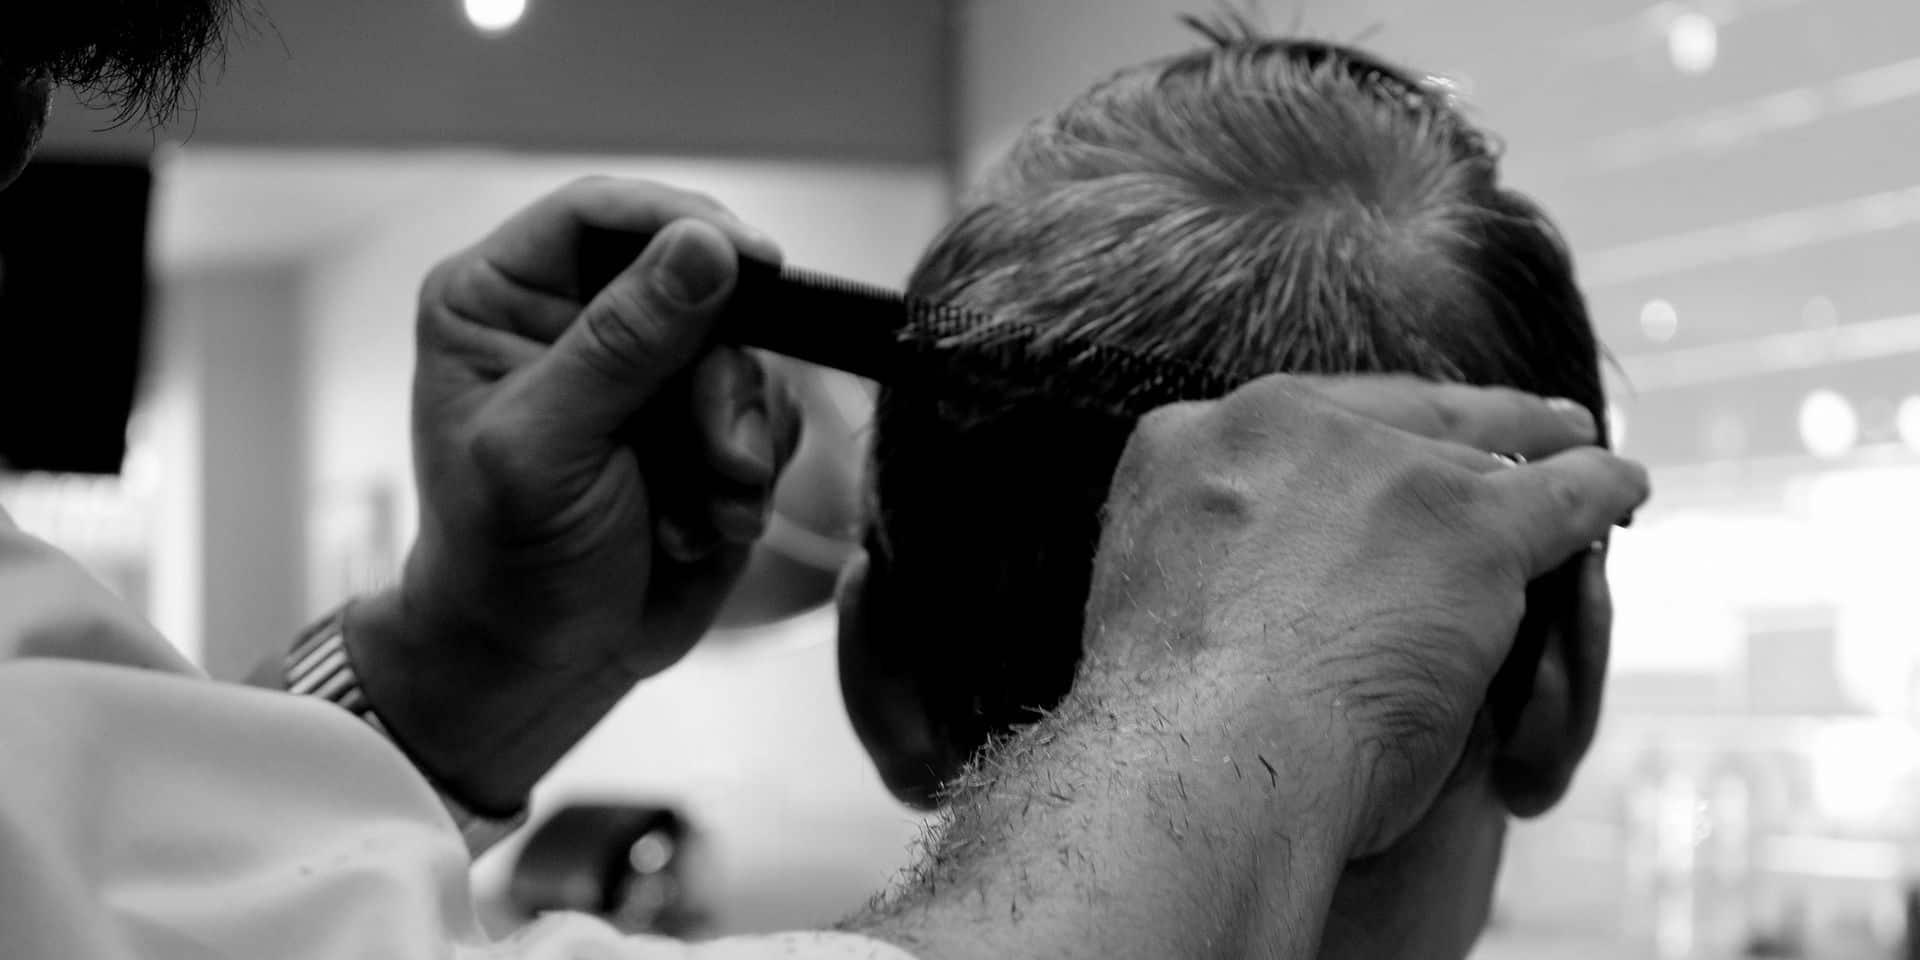 Une nouvelle coupe de cheveux n'est pas la bonne solution pour nous motiver à lutter contre le coronavirus